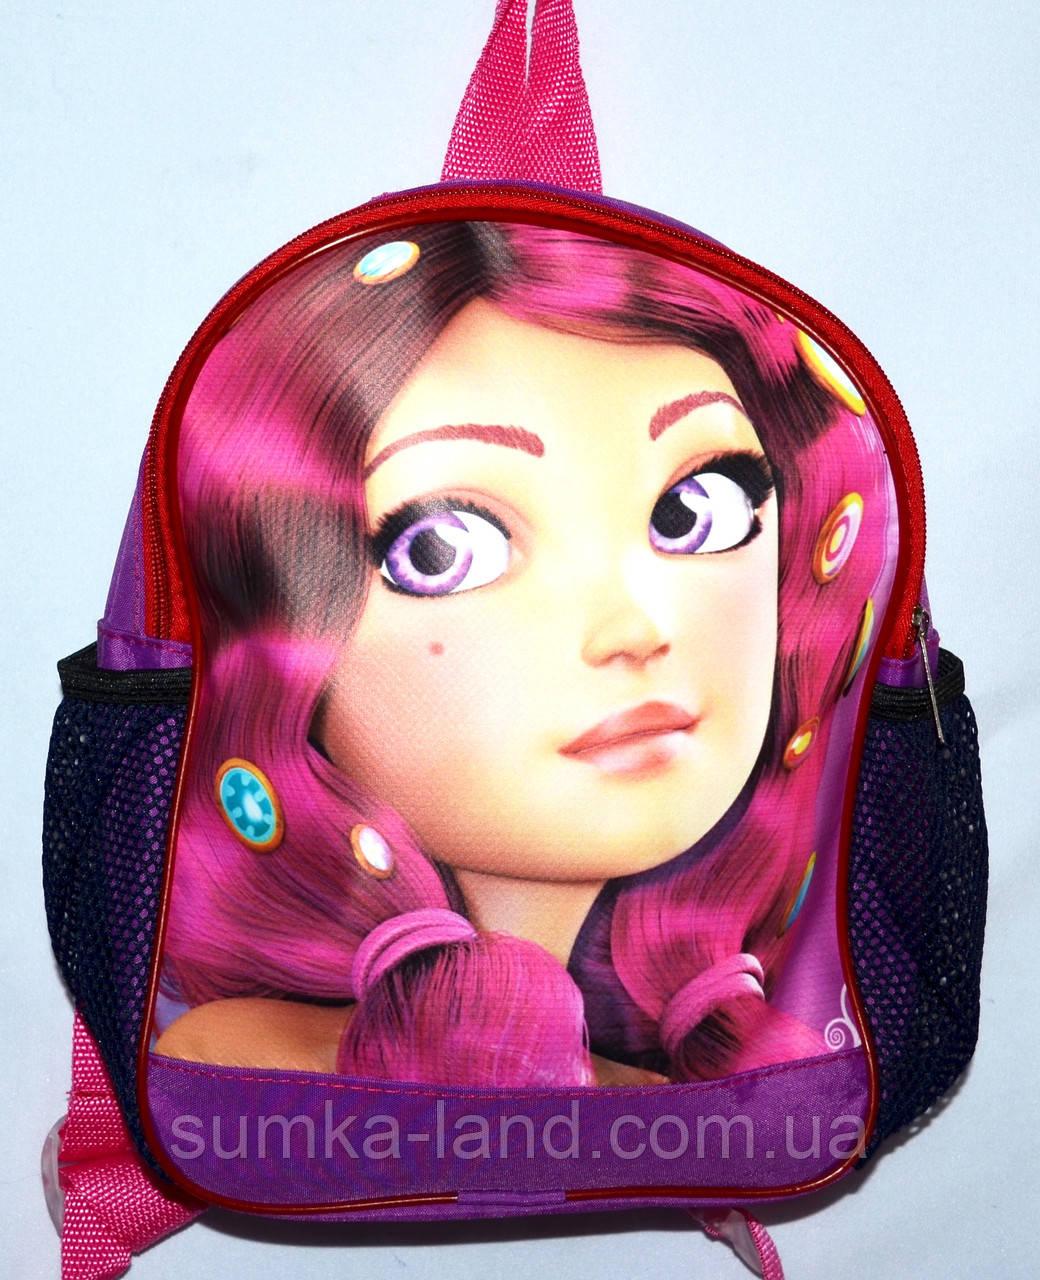 Детский школьный рюкзак для девочек 22*29